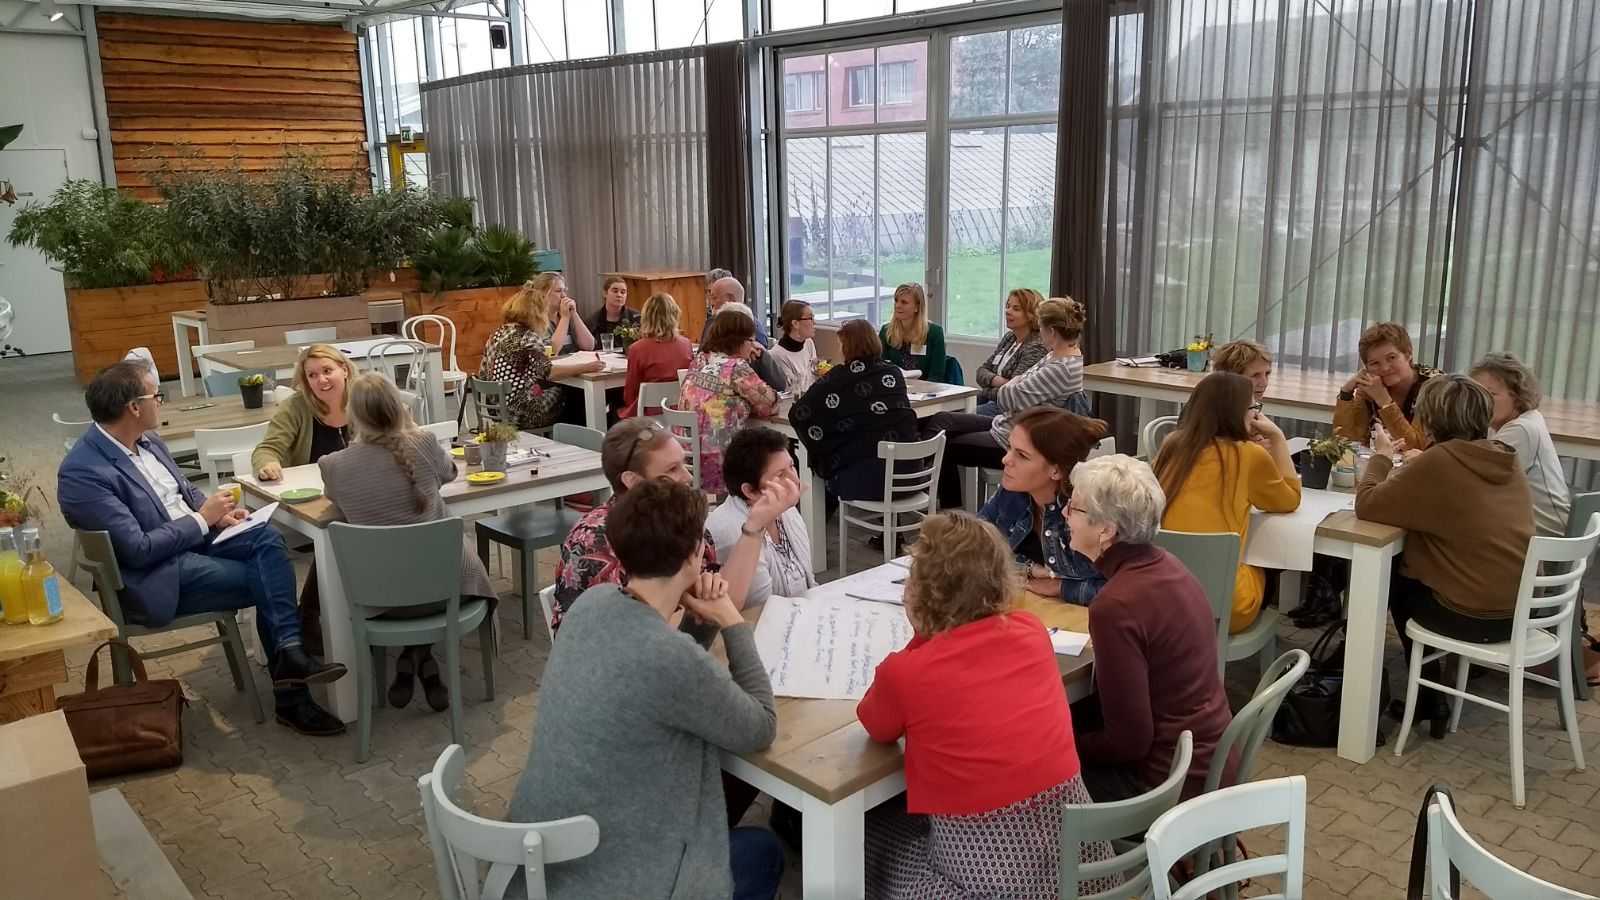 Op de bijeenkomst 'Onbegrepen gedrag bij dementie' gingen deelnemers met elkaar in gesprek over oplossingen